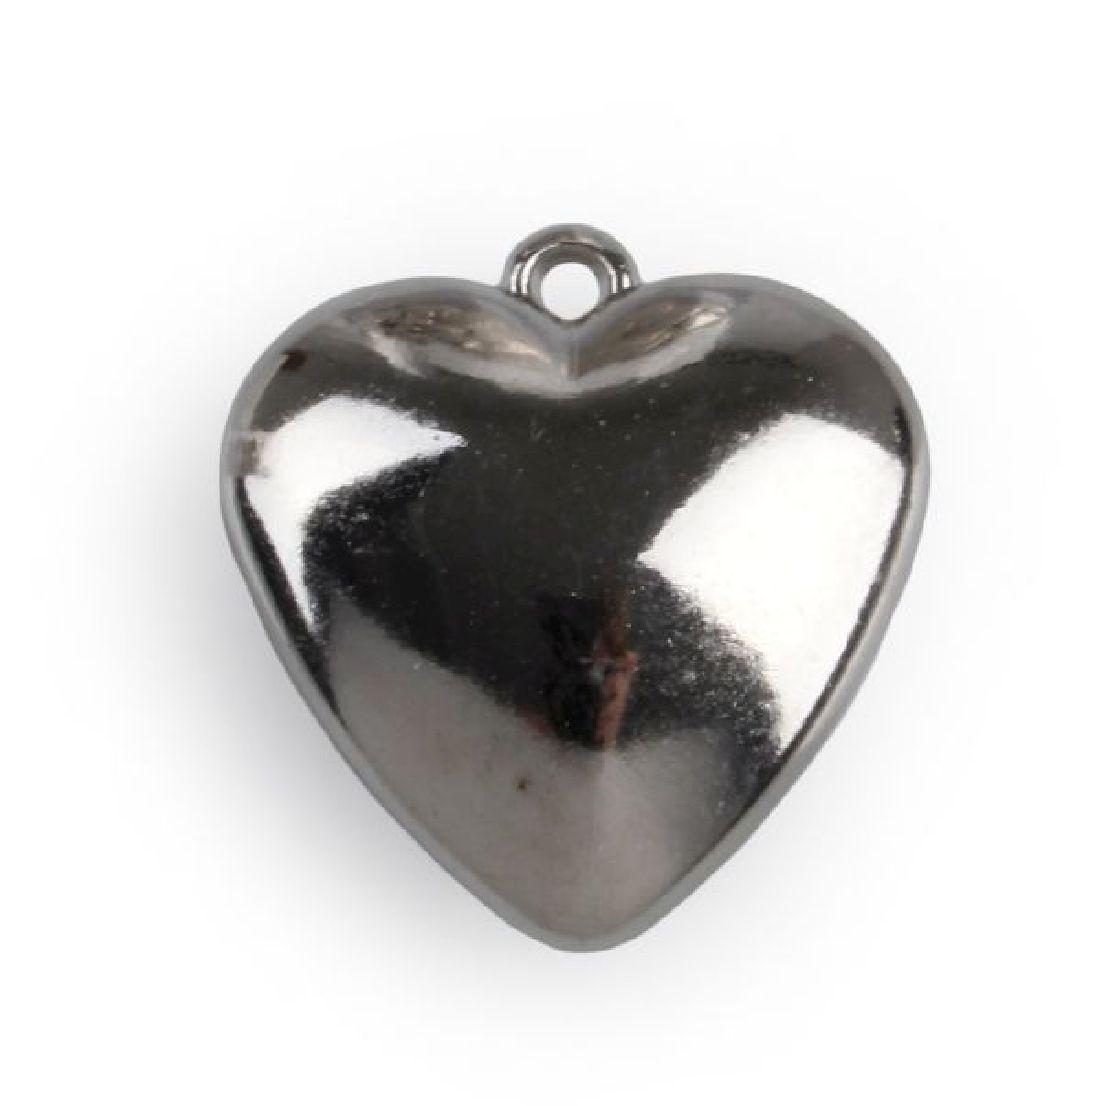 Herz Quenta mit Aufhängöse SILBER-GLANZ 3424150 geschlossen Ø3,5cm PVC 36Stück